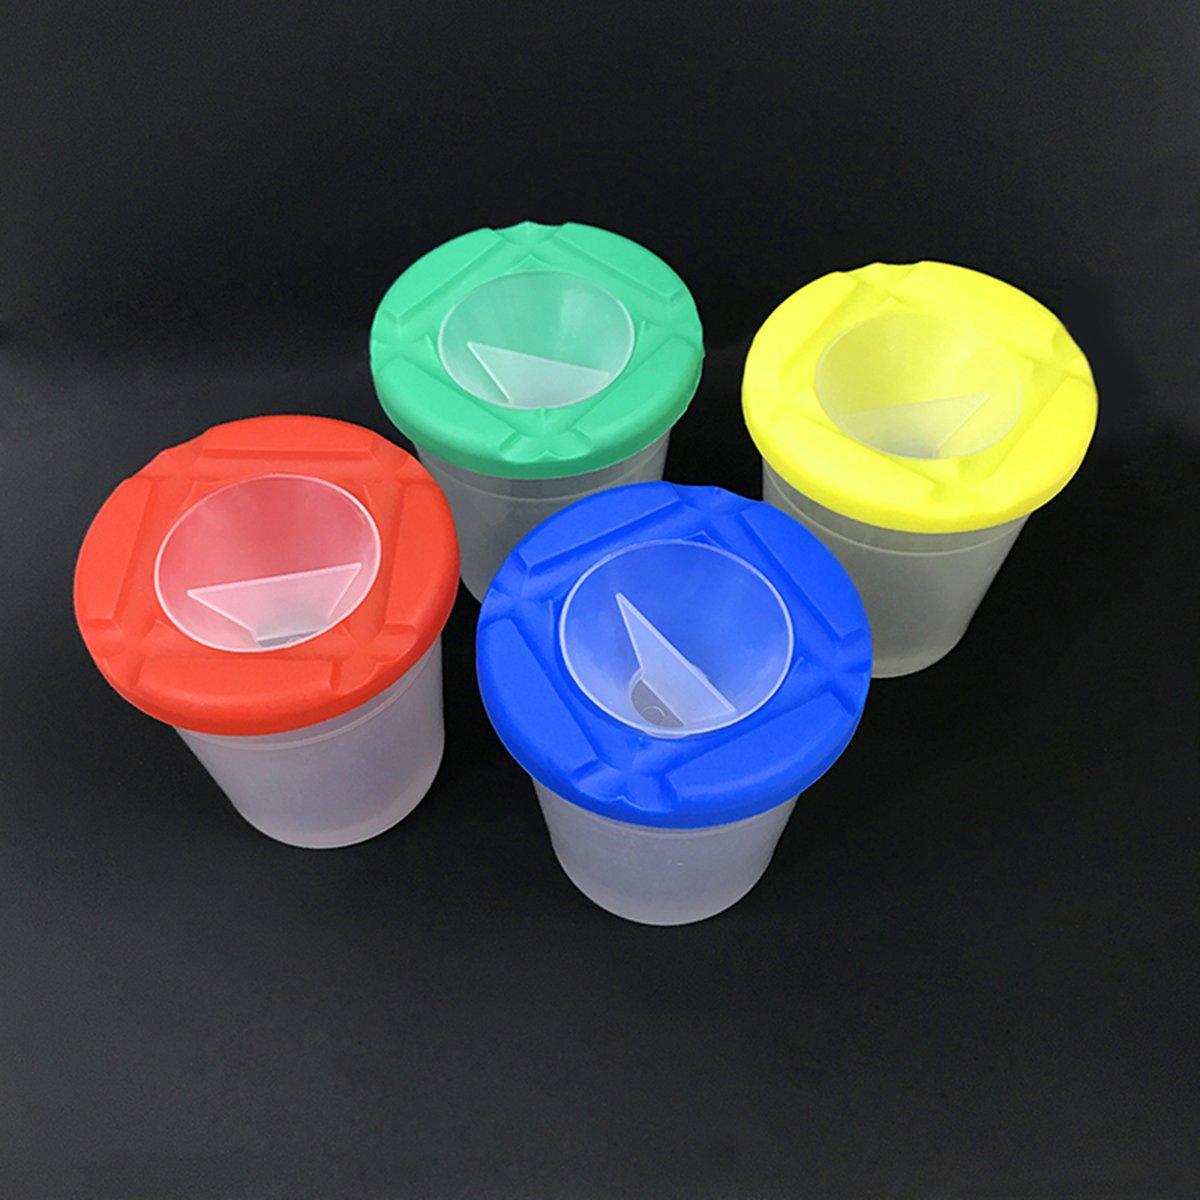 ULTNICE 5Pcs aucune tasses de peinture de renversement avec des couvercles de couleur et 12Pcs pinceaux de peinture